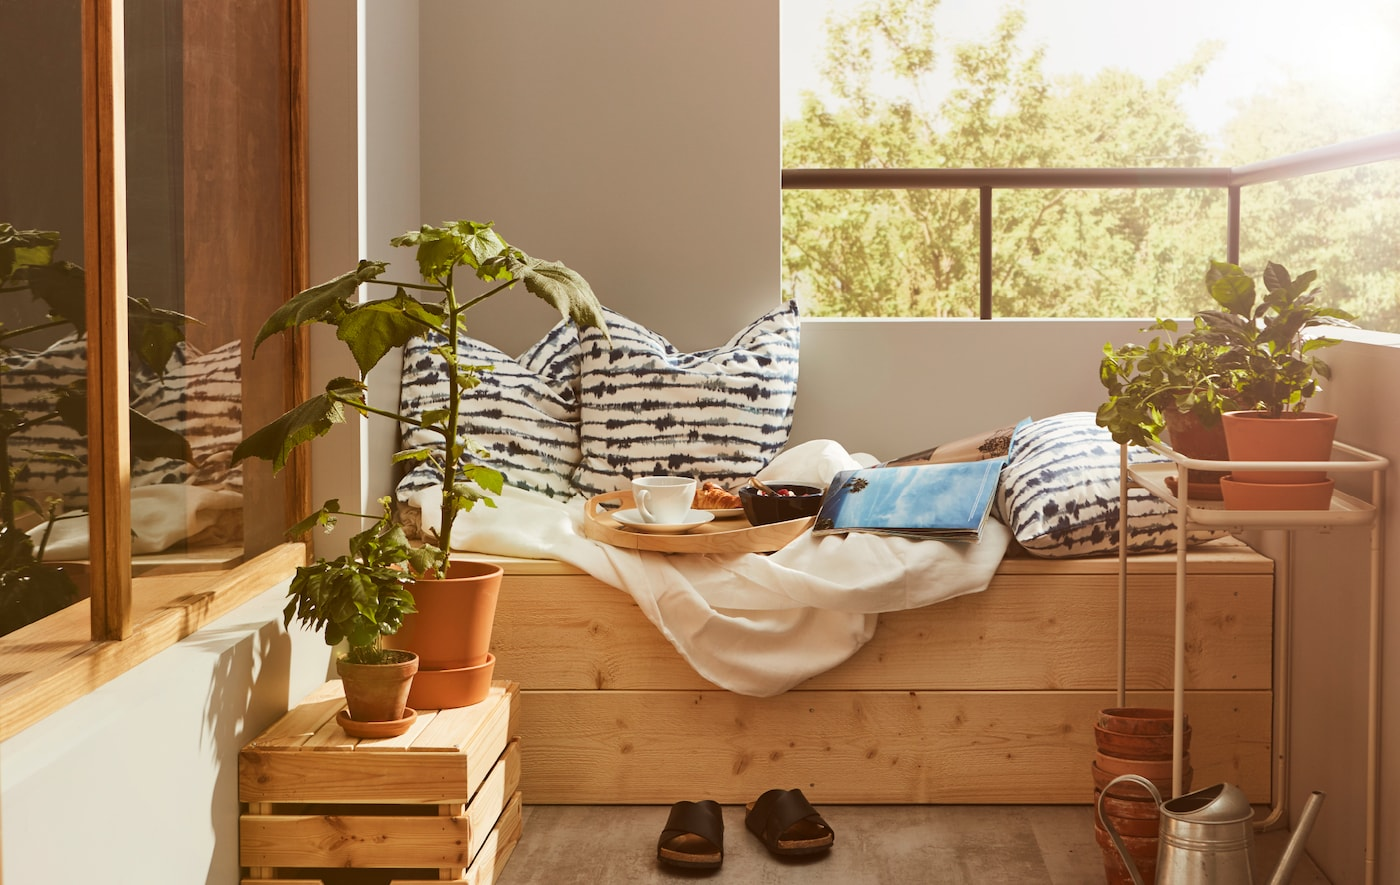 Hjørnet af en altan med en trækonstruktion med puder, sengetøj og en bakke med morgenmad.